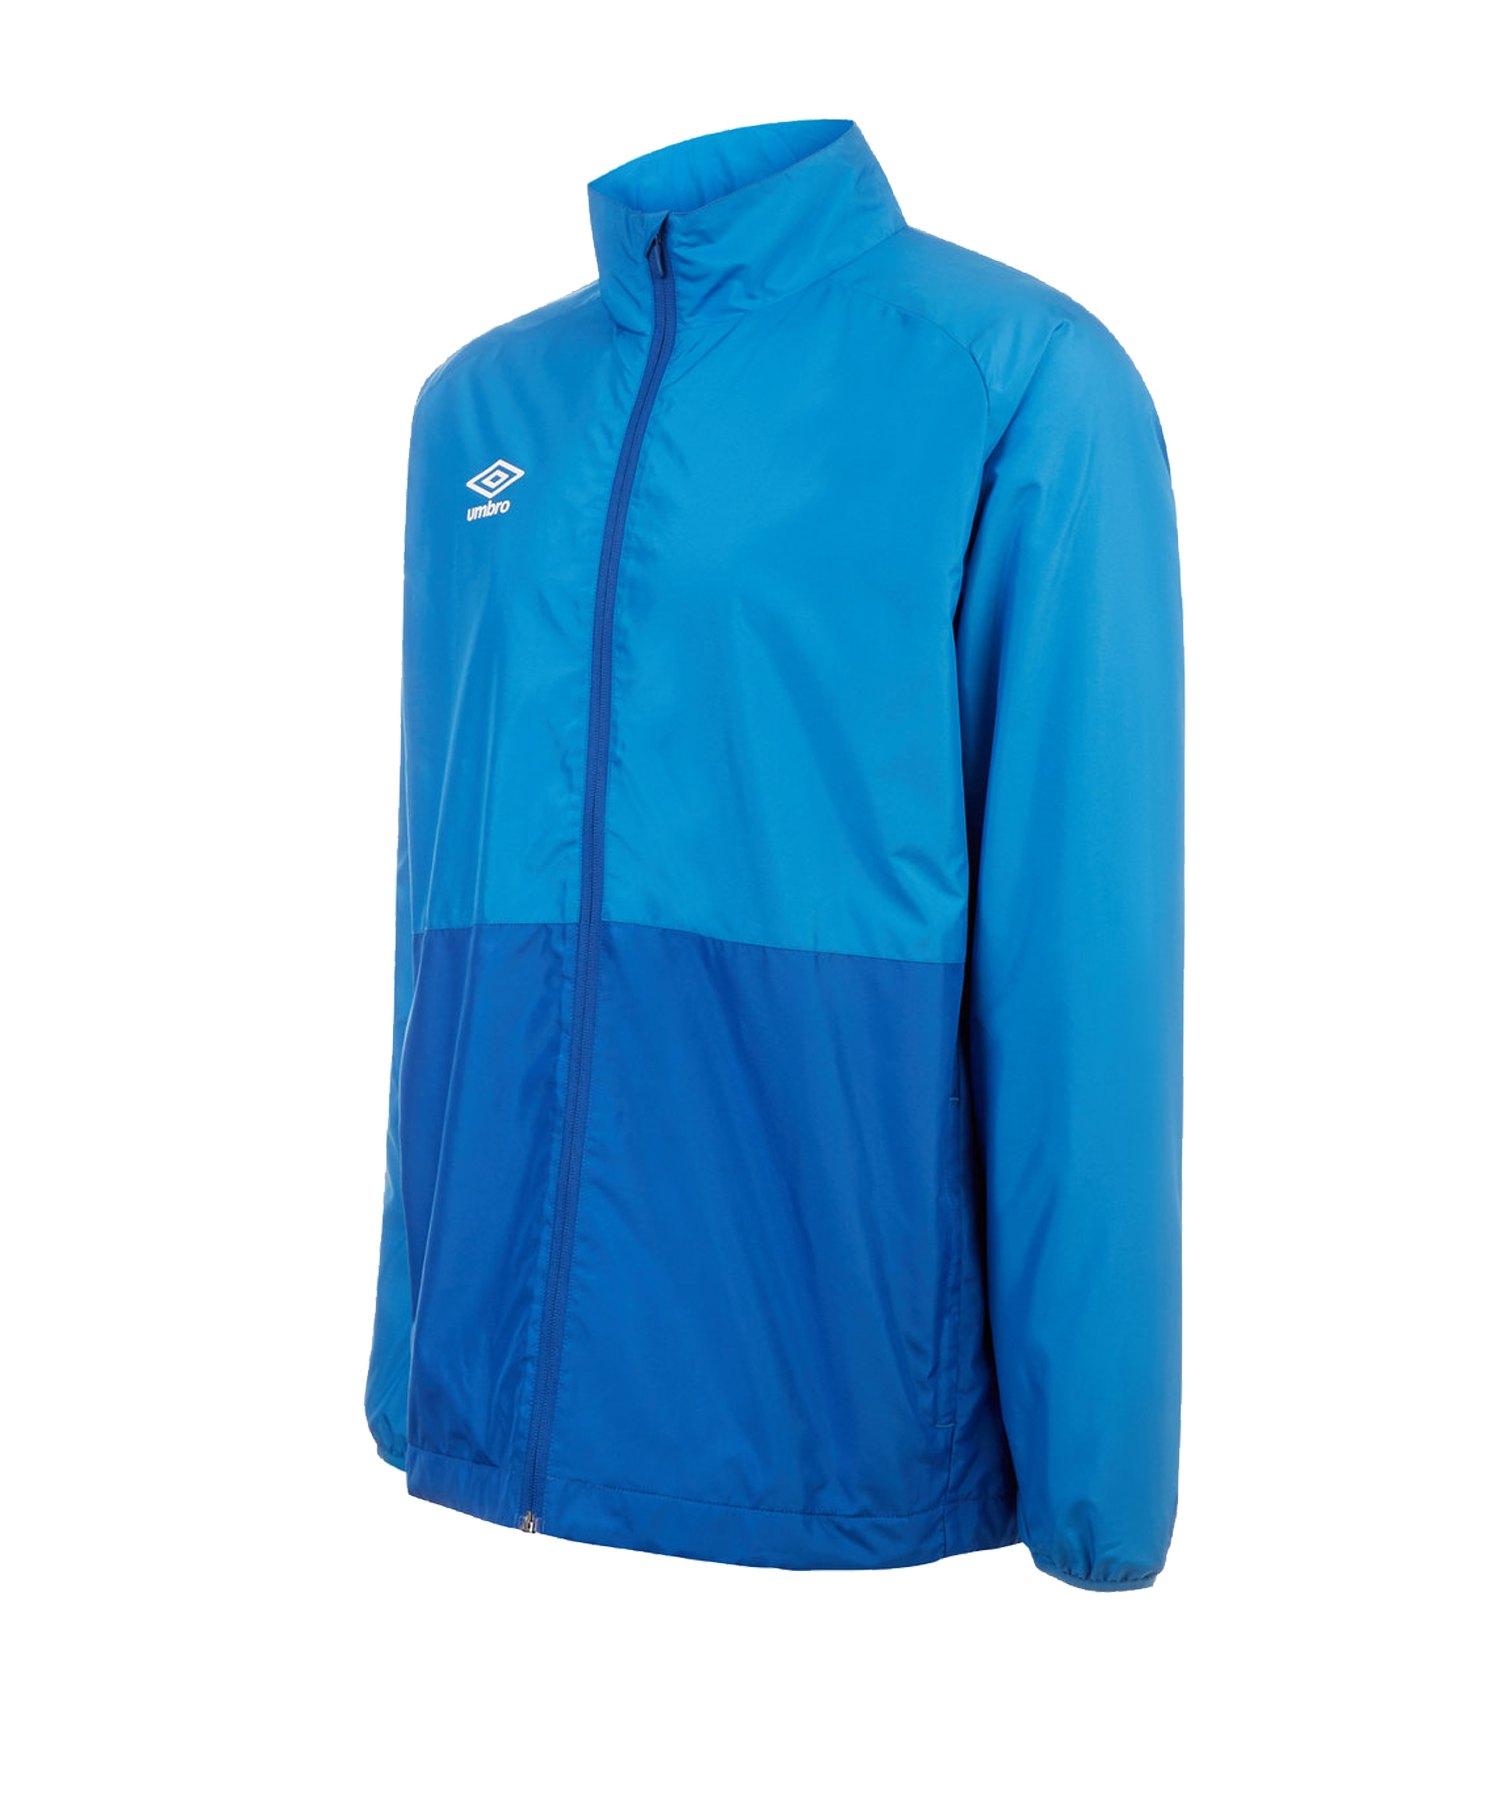 Umbro Training Shower Jacket Jacke Blau FEVF - blau